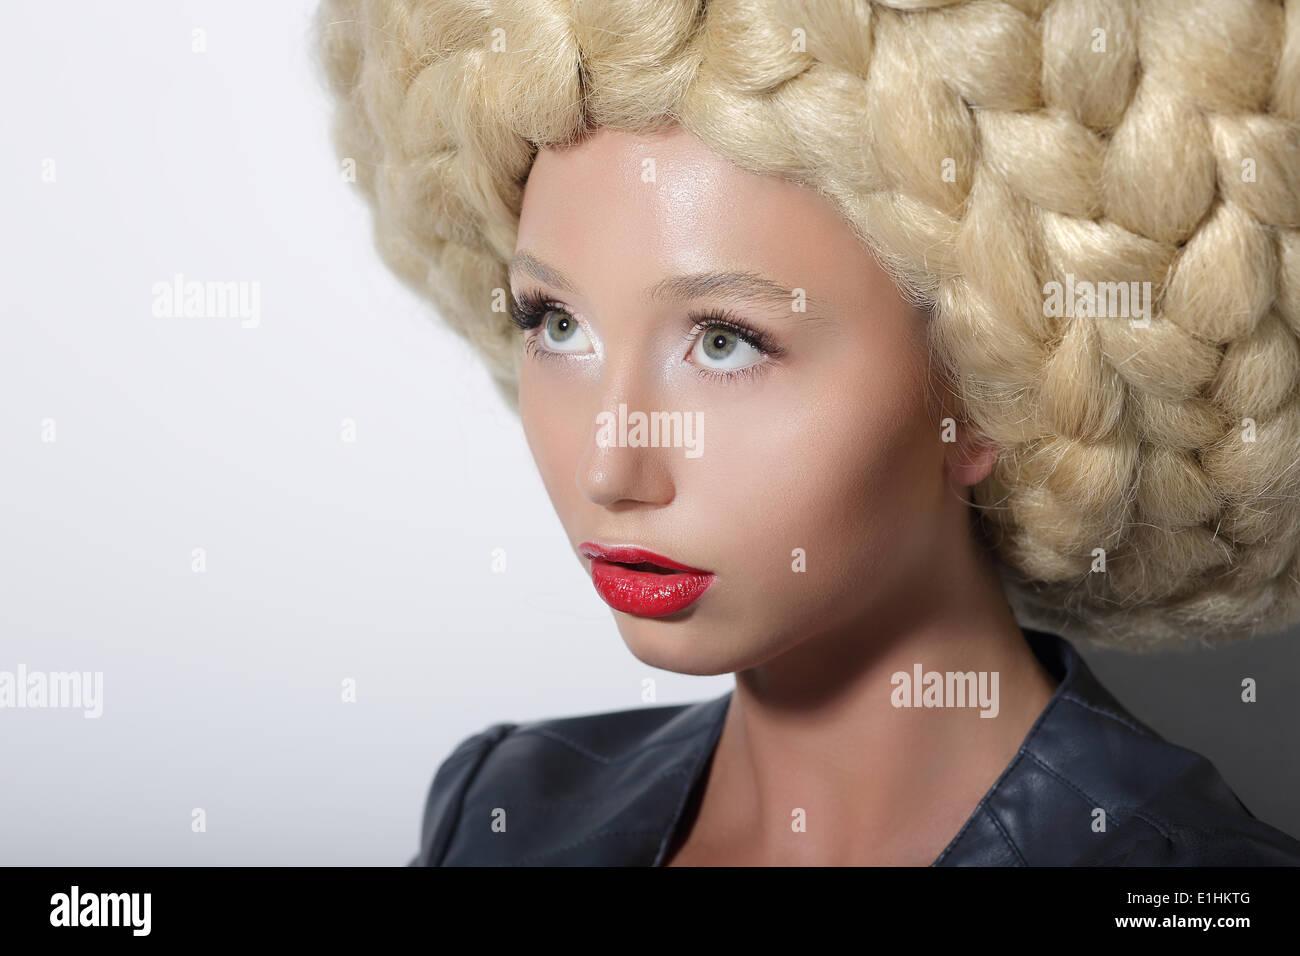 Modelo de moda. Mujer ultramoderna con increíble arte tocado Imagen De Stock